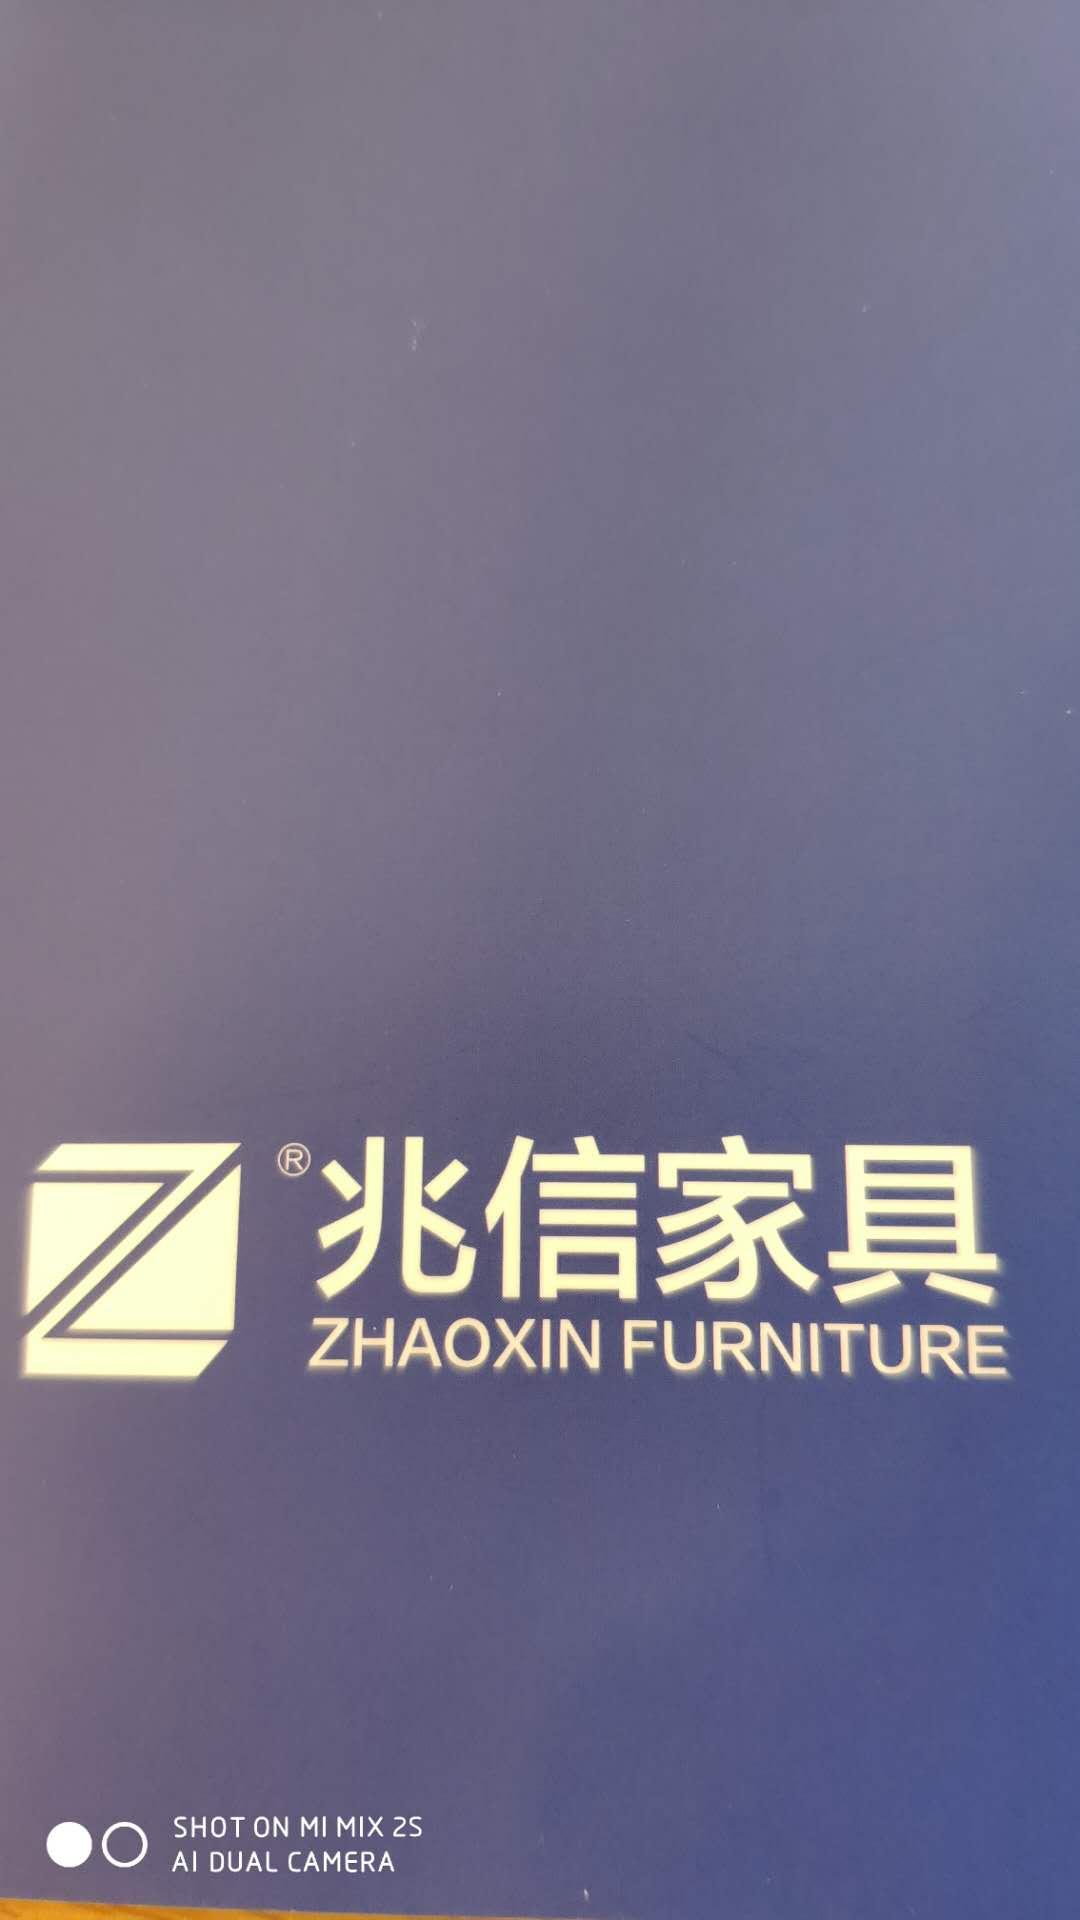 巴南区合茂办公家具经营部Logo